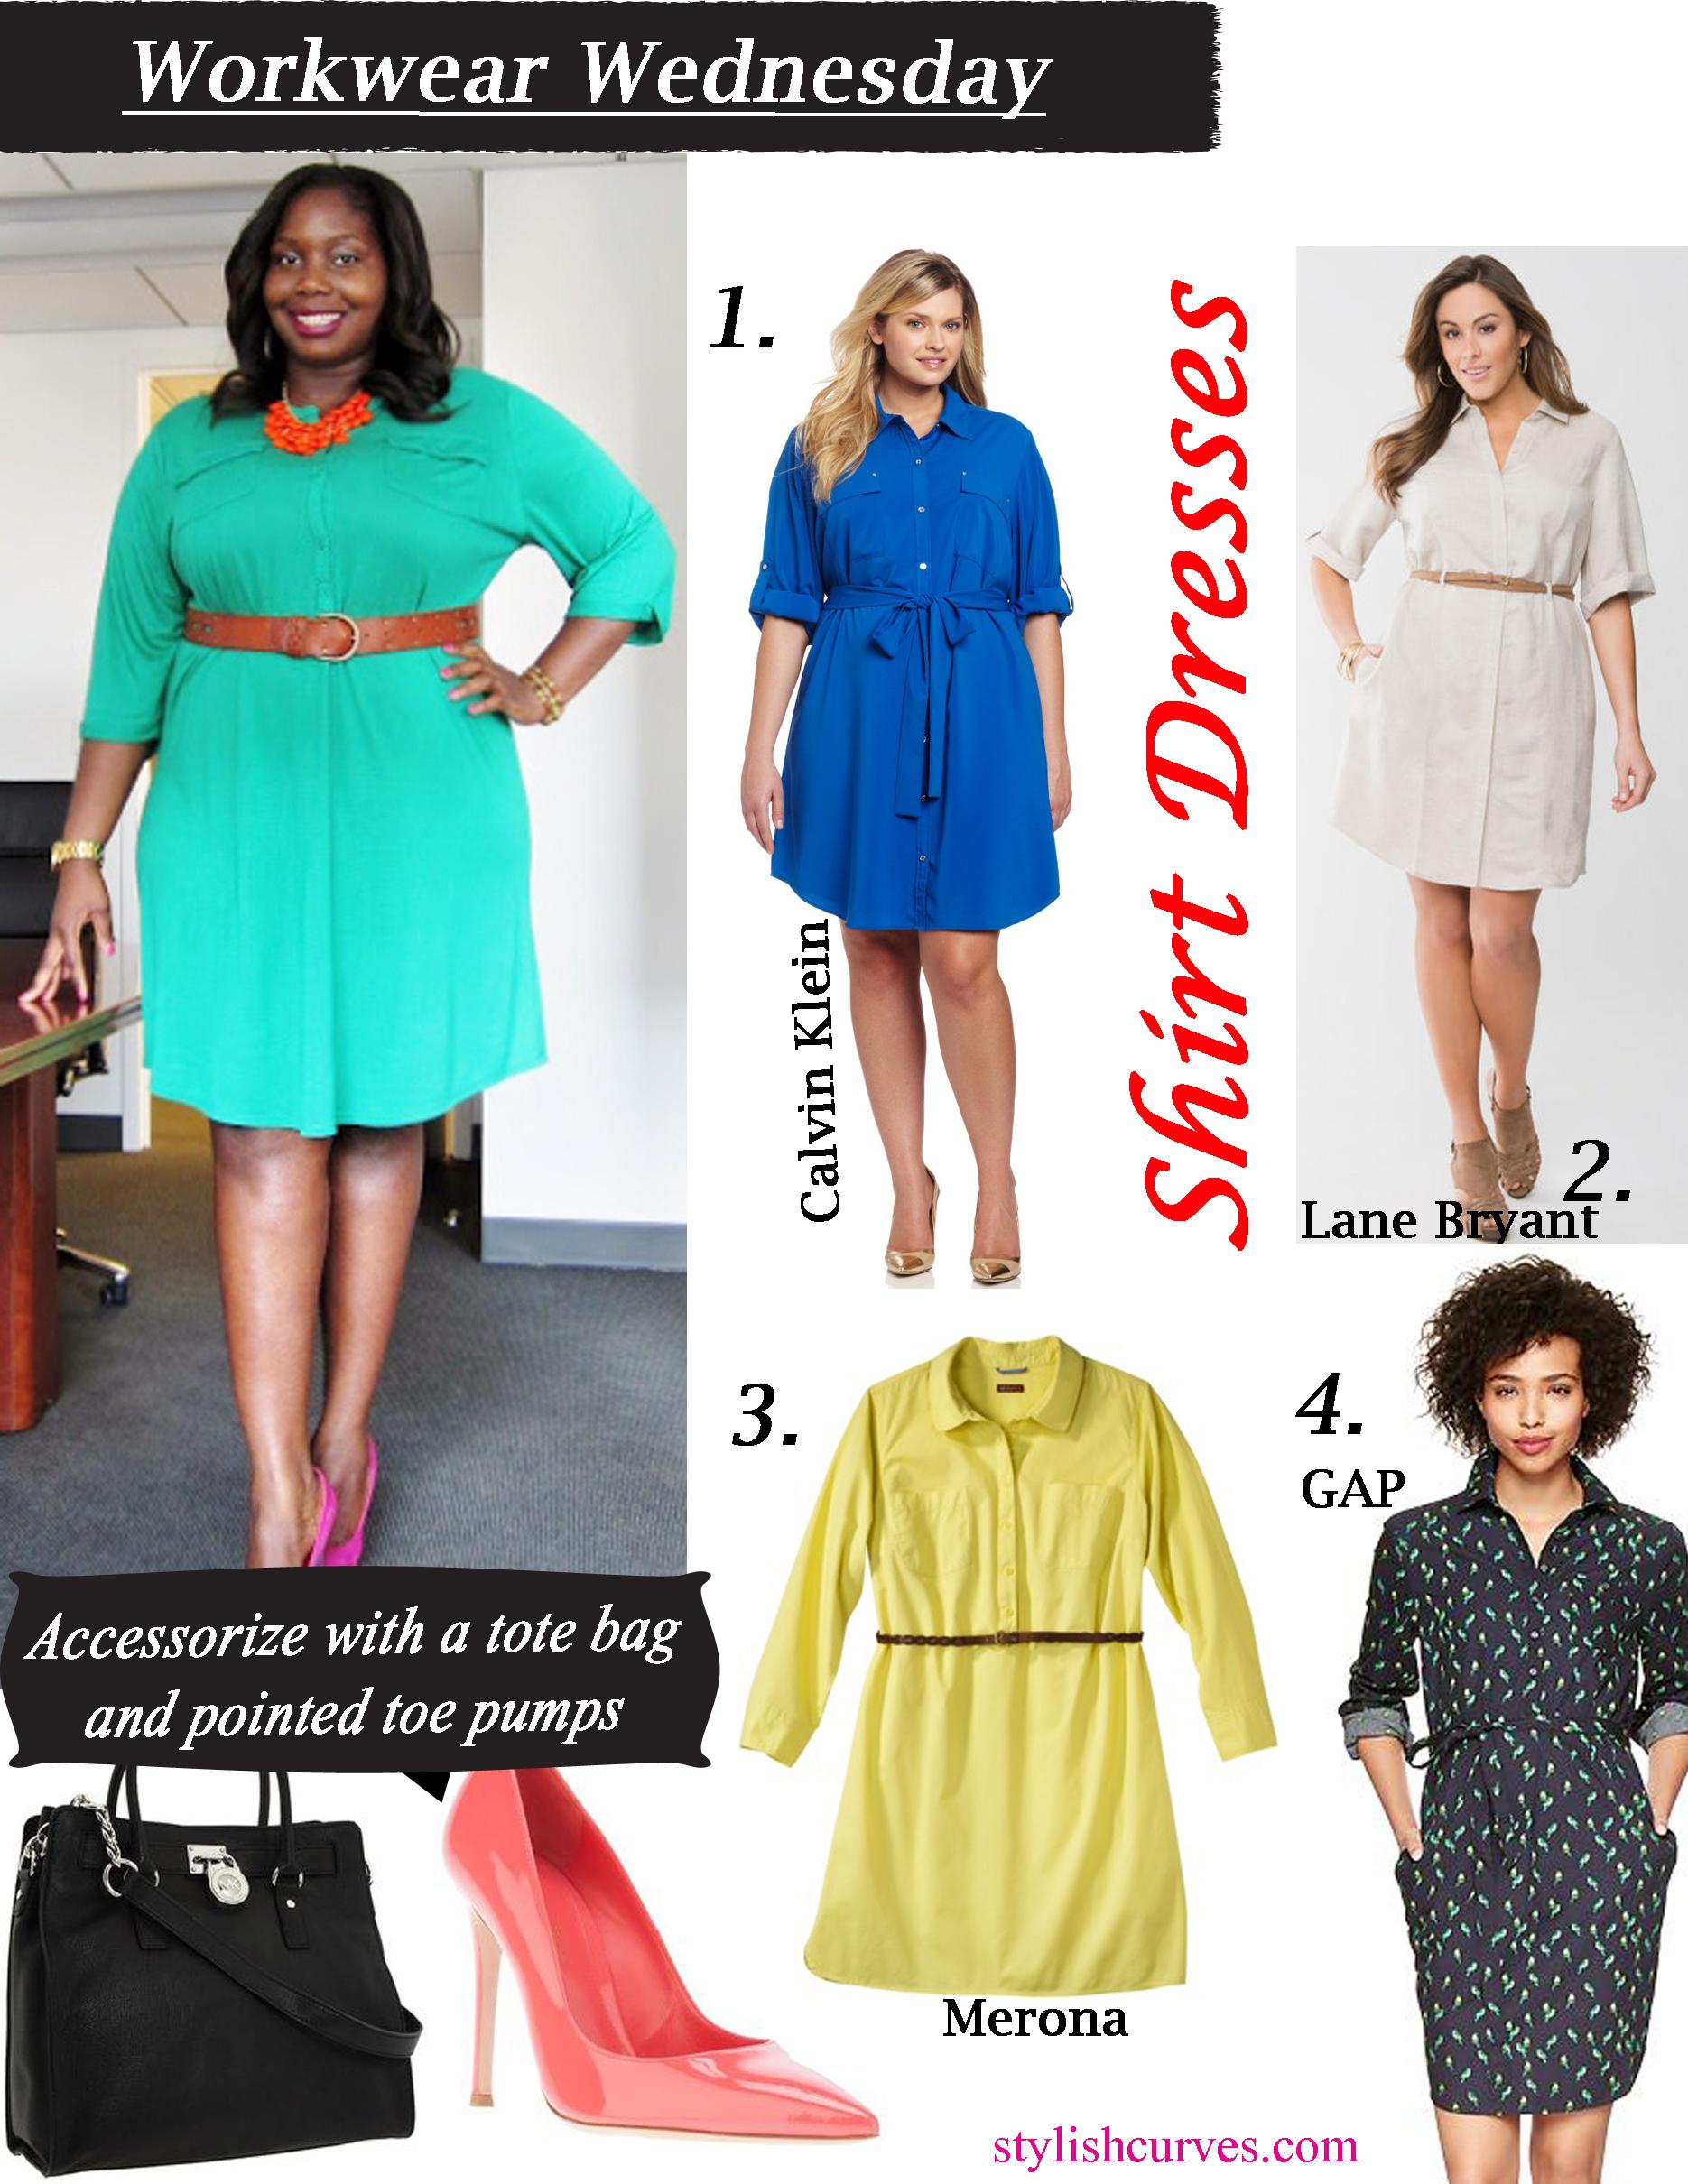 WORK-WEAR WEDNESDAY: PLUS SIZE SHIRT DRESSES | Stylish Curves